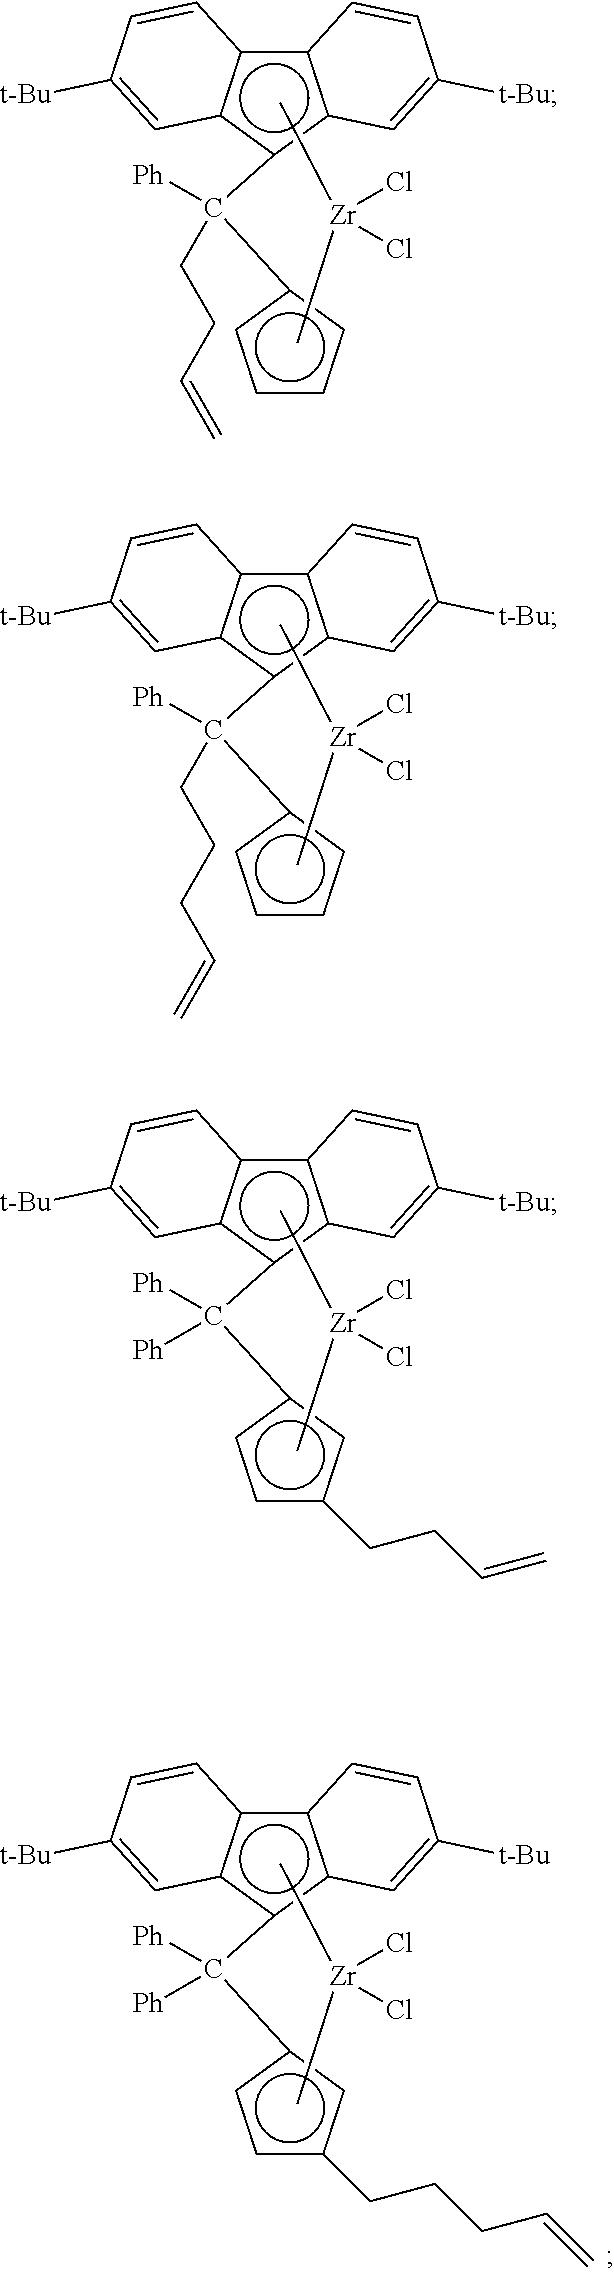 Figure US08501654-20130806-C00002